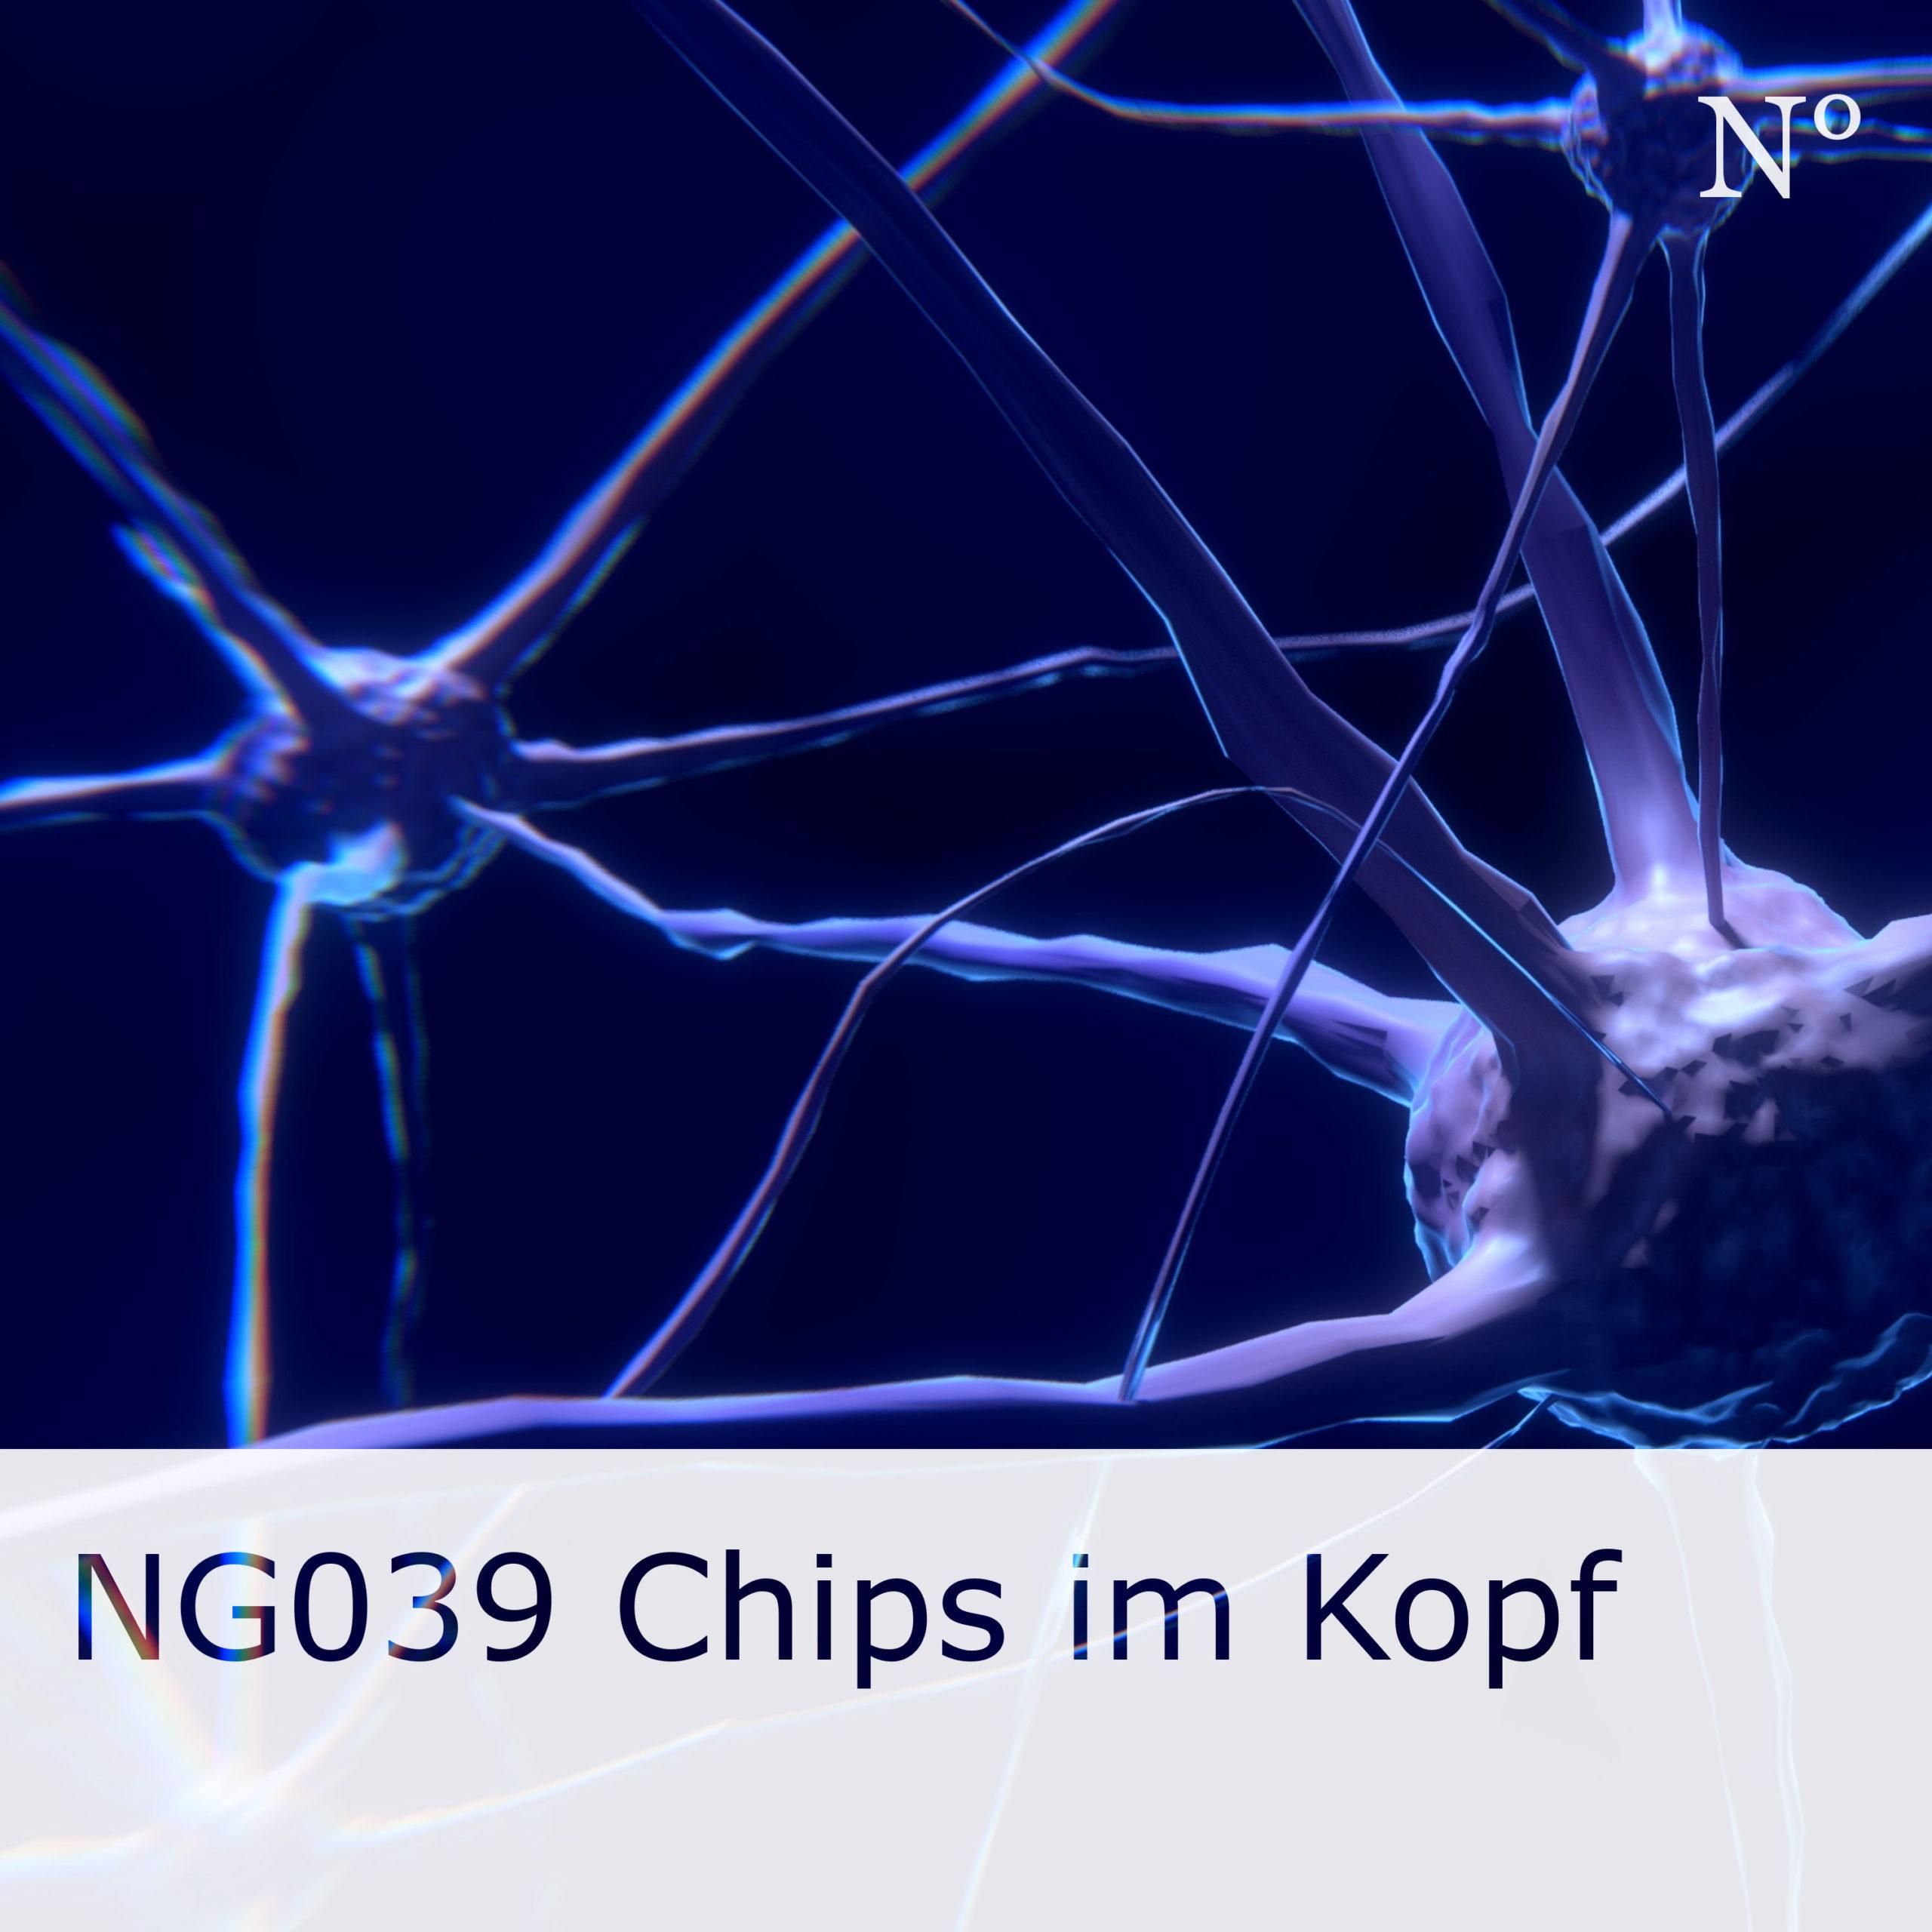 NG039 Chips im Kopf